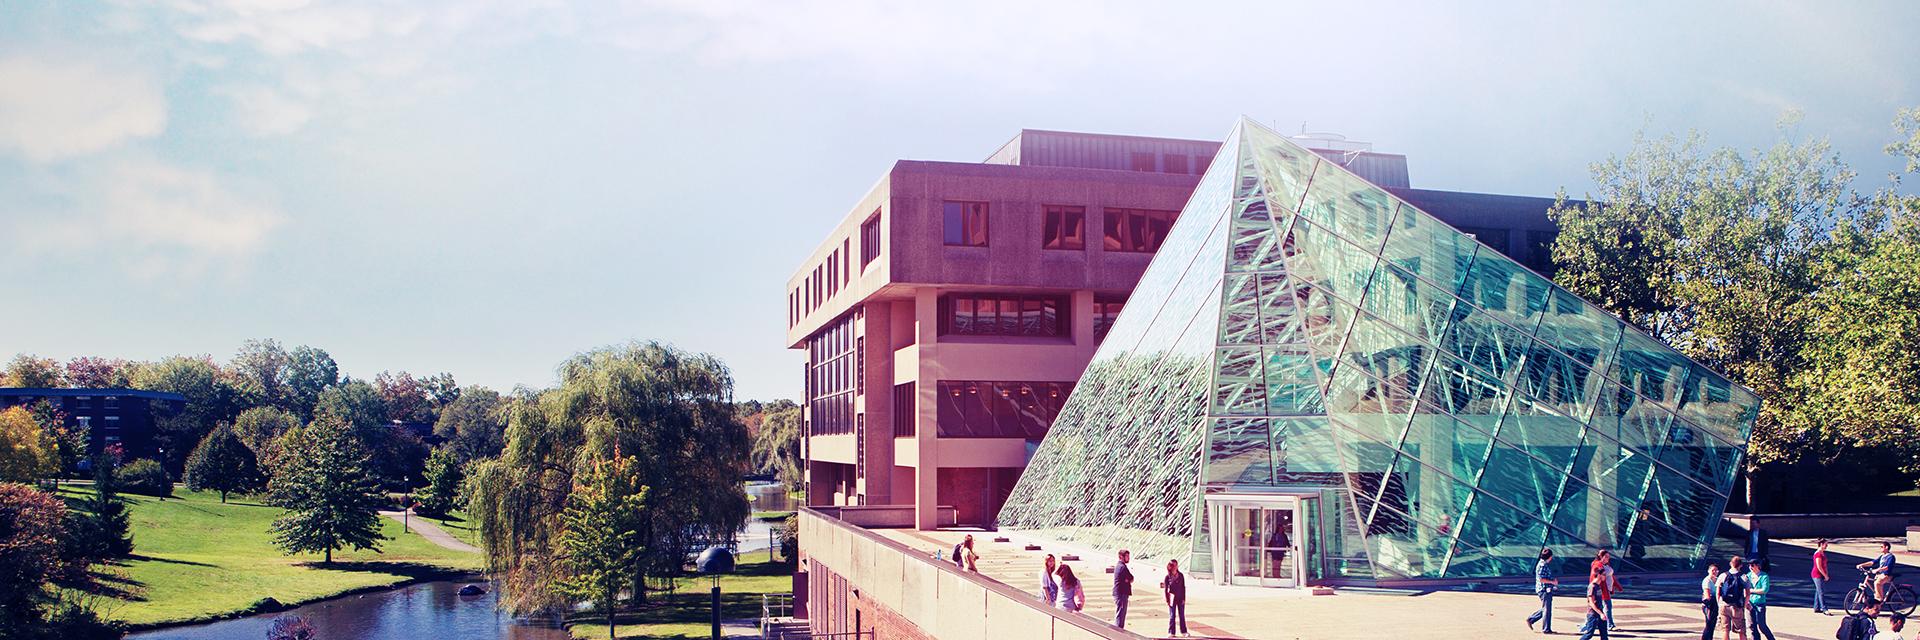 Suny New Paltz Academic Calendar Spring 2022.Suny New Paltz Accounts Payable Accounts Payable